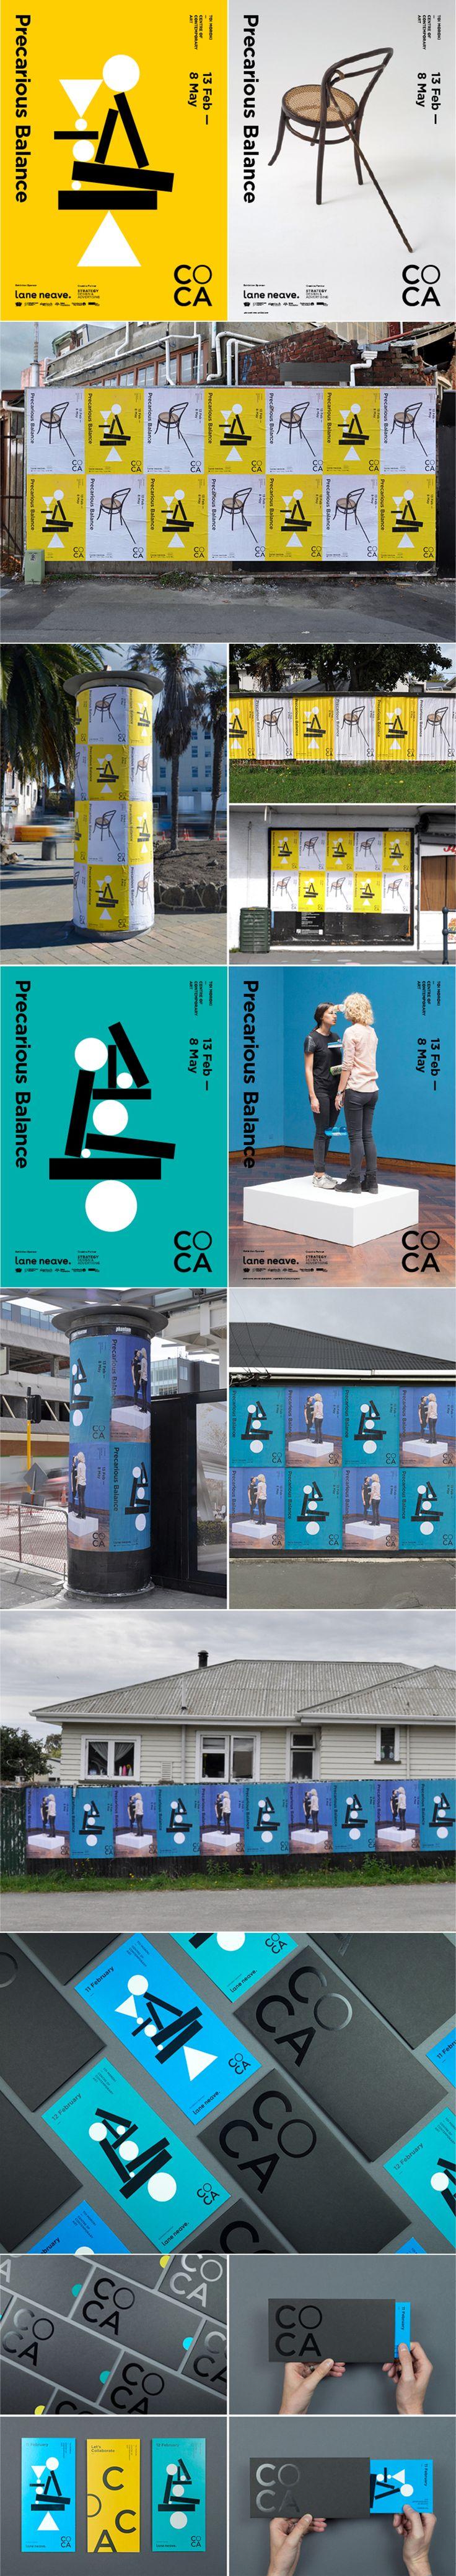 CoCA - Precarious Balance